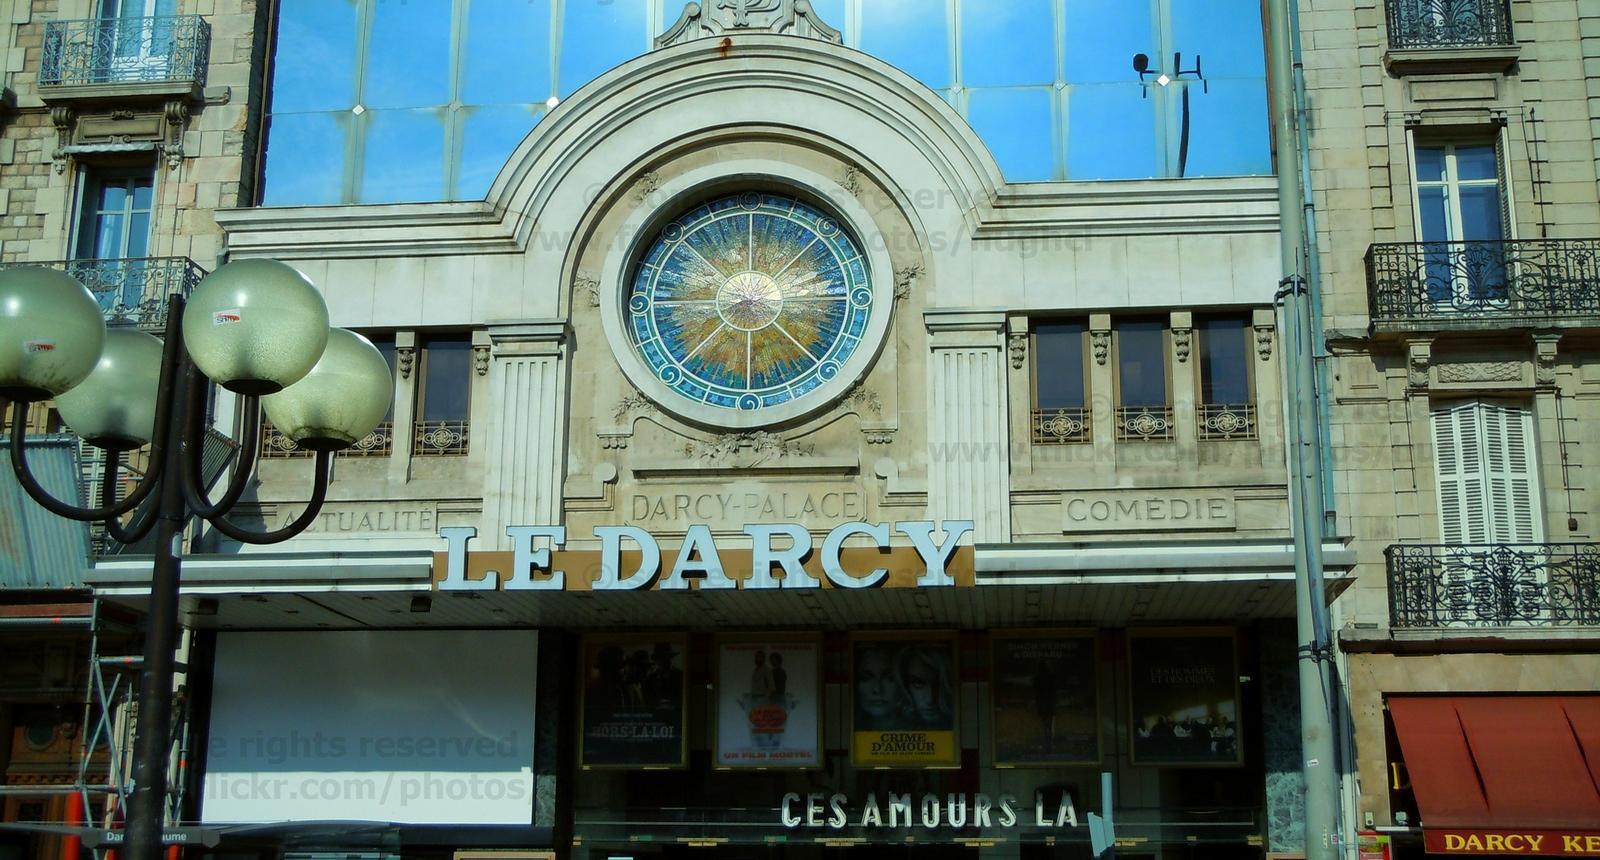 Le Darcy, Dijon